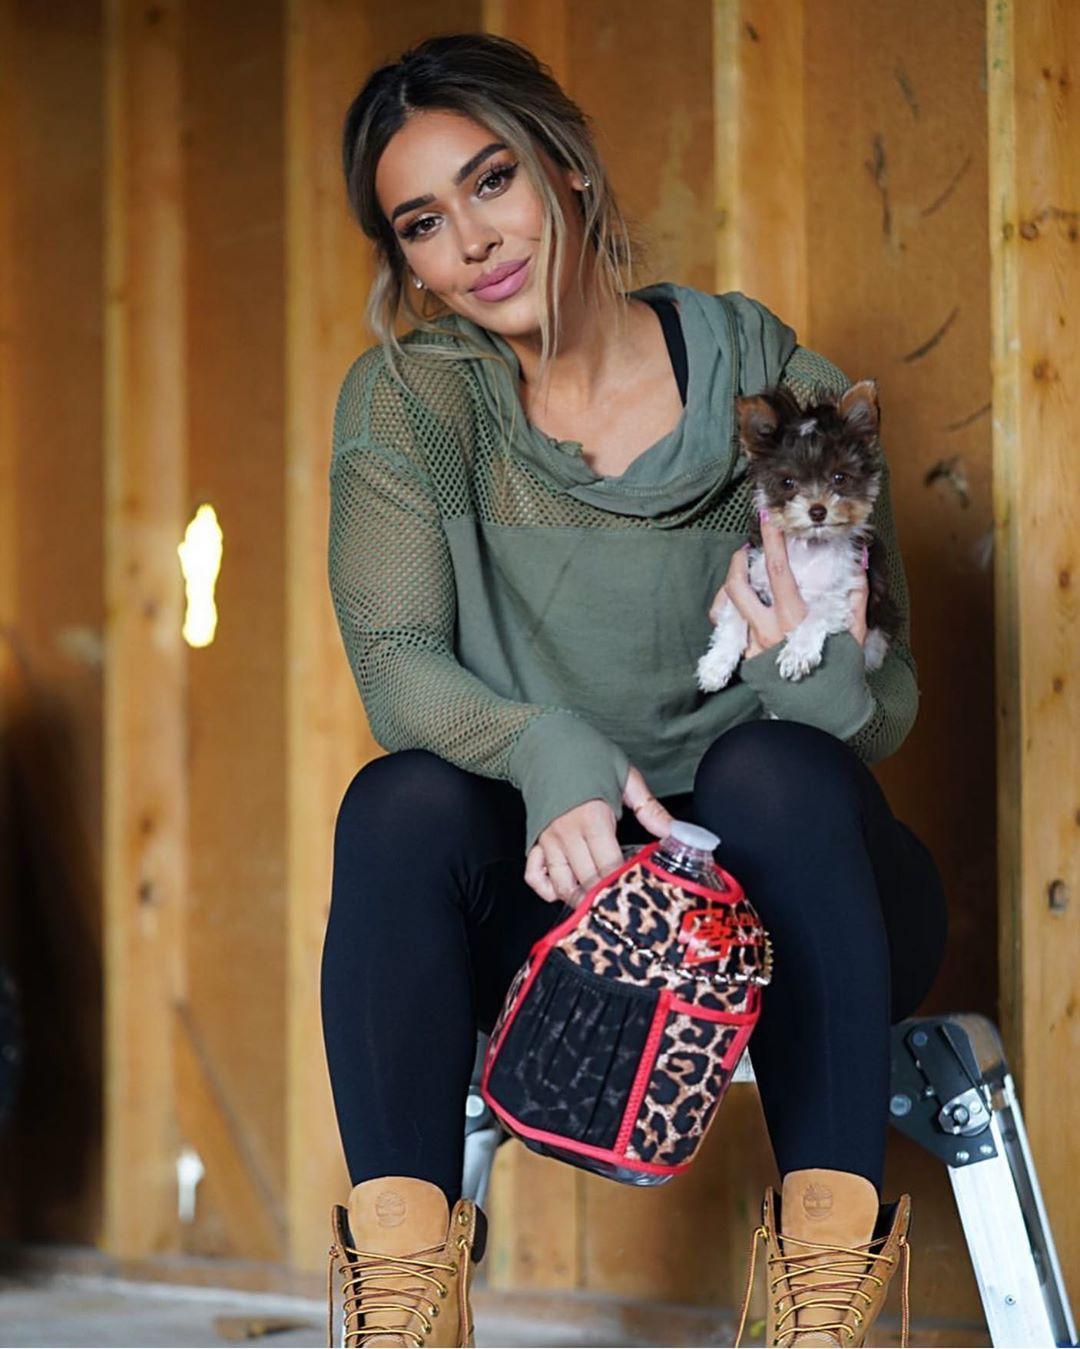 Cassandra Martin Wallpaper, Cass Martin, Photo shoot